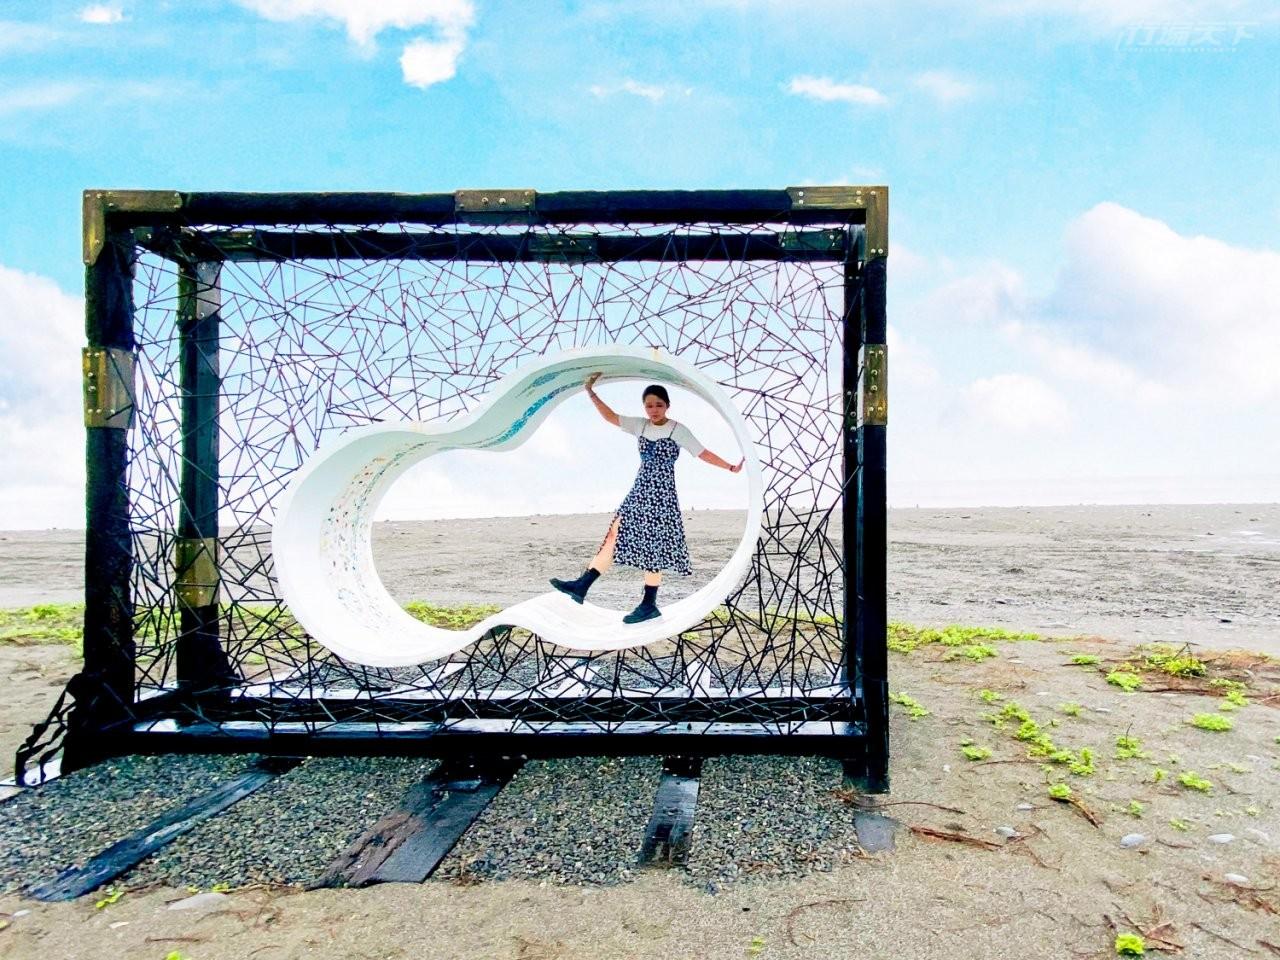 ▲《南迴藝術季—Sicevudan從這出發》位於金崙海灘的作品《方圓之間》出自藝術家哈拿,葛琉。